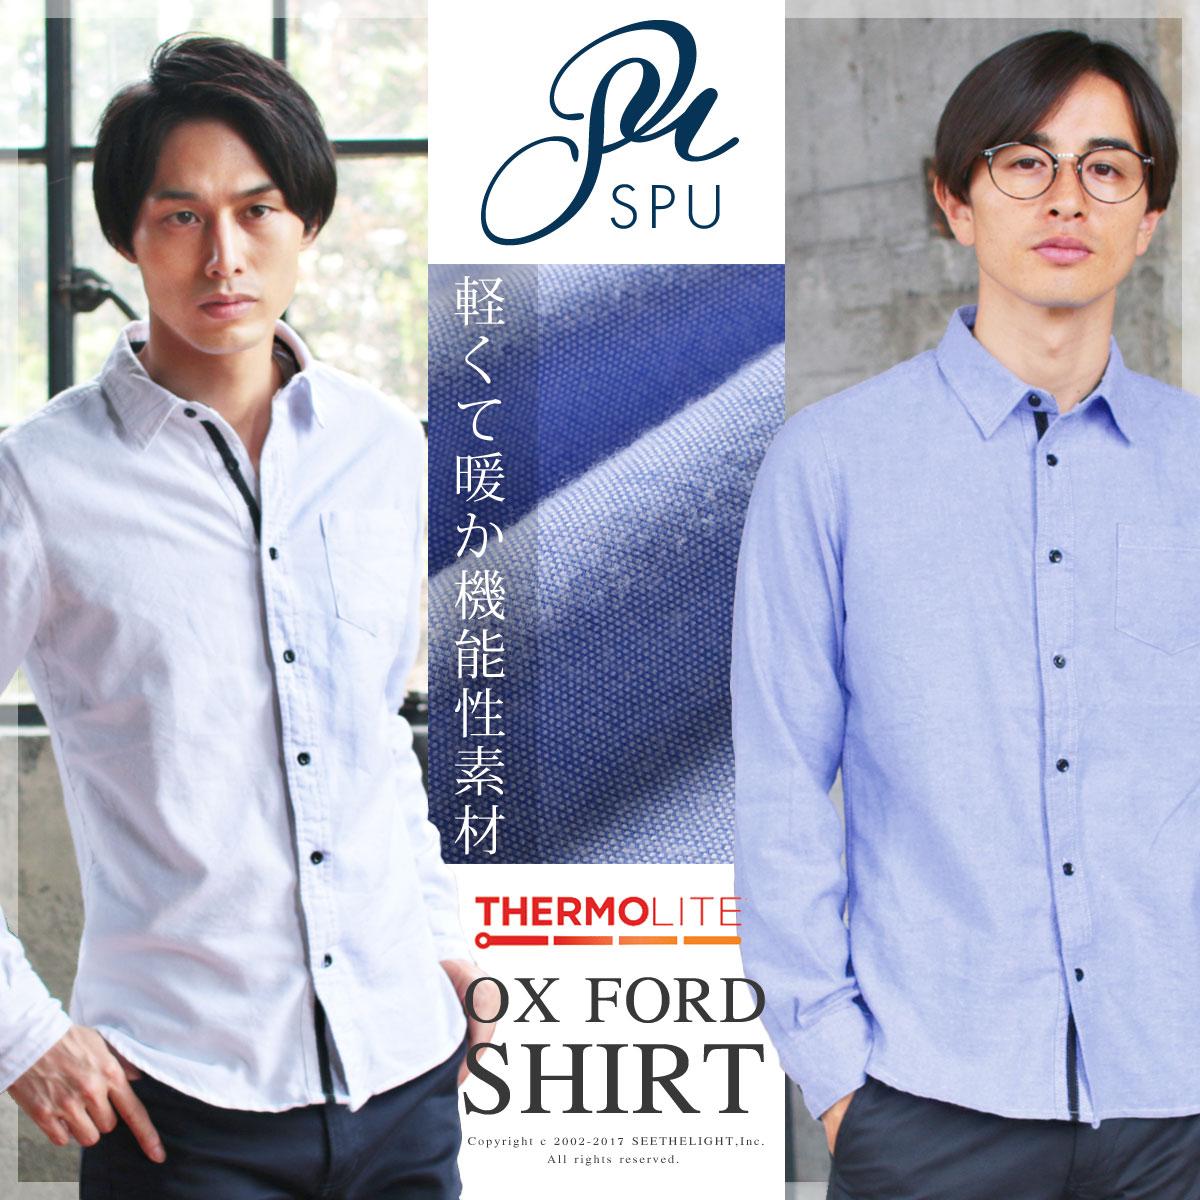 メンズ シャツ メンズファッション 機能性素材 サーモライト オックスフォード 長袖 シャツ SPU スプ